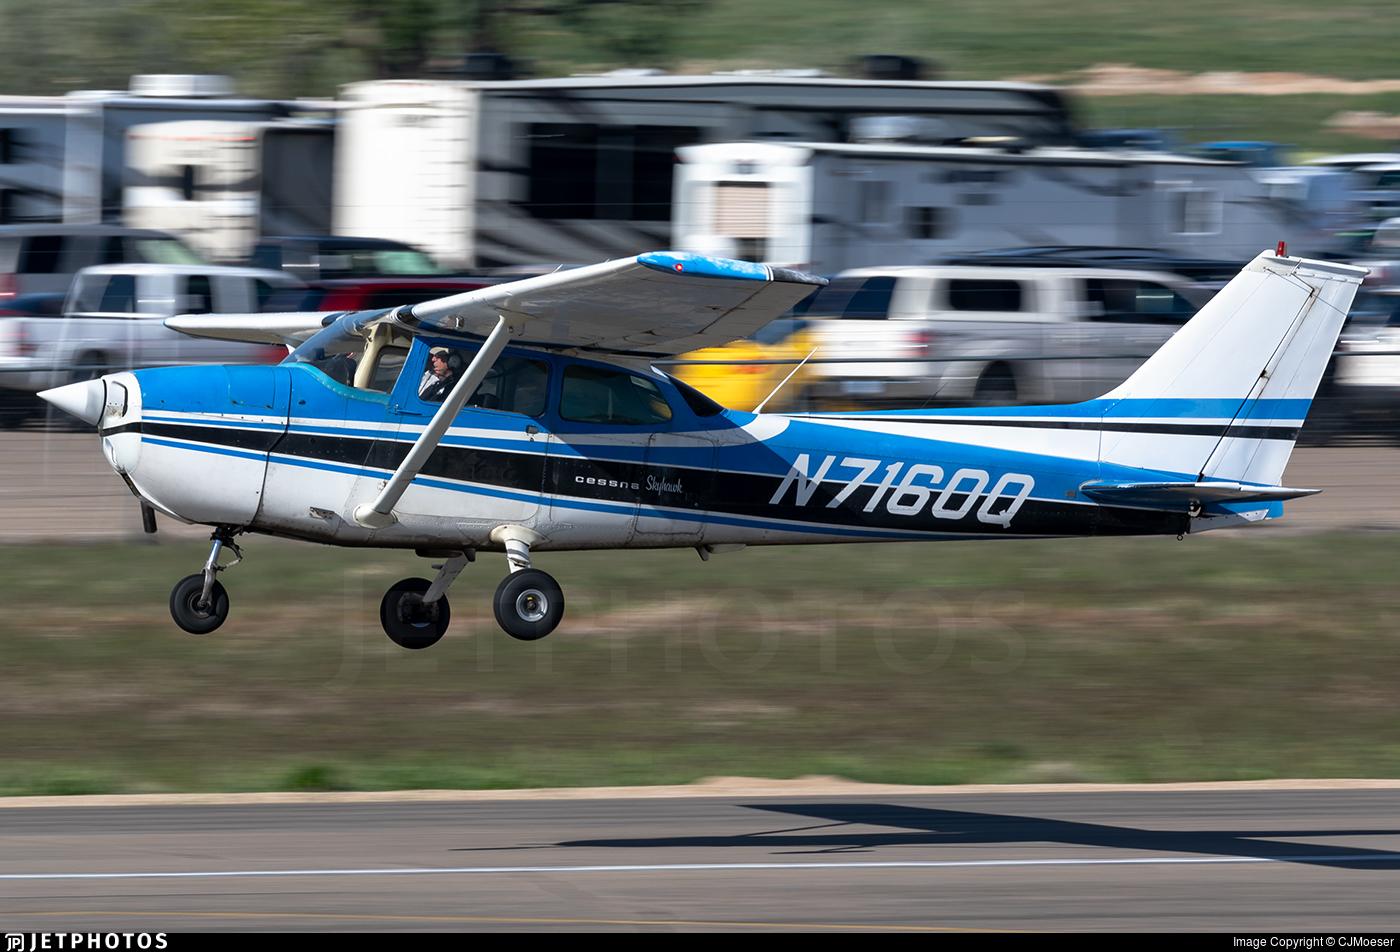 N7160Q - Cessna 172L Skyhawk - Private